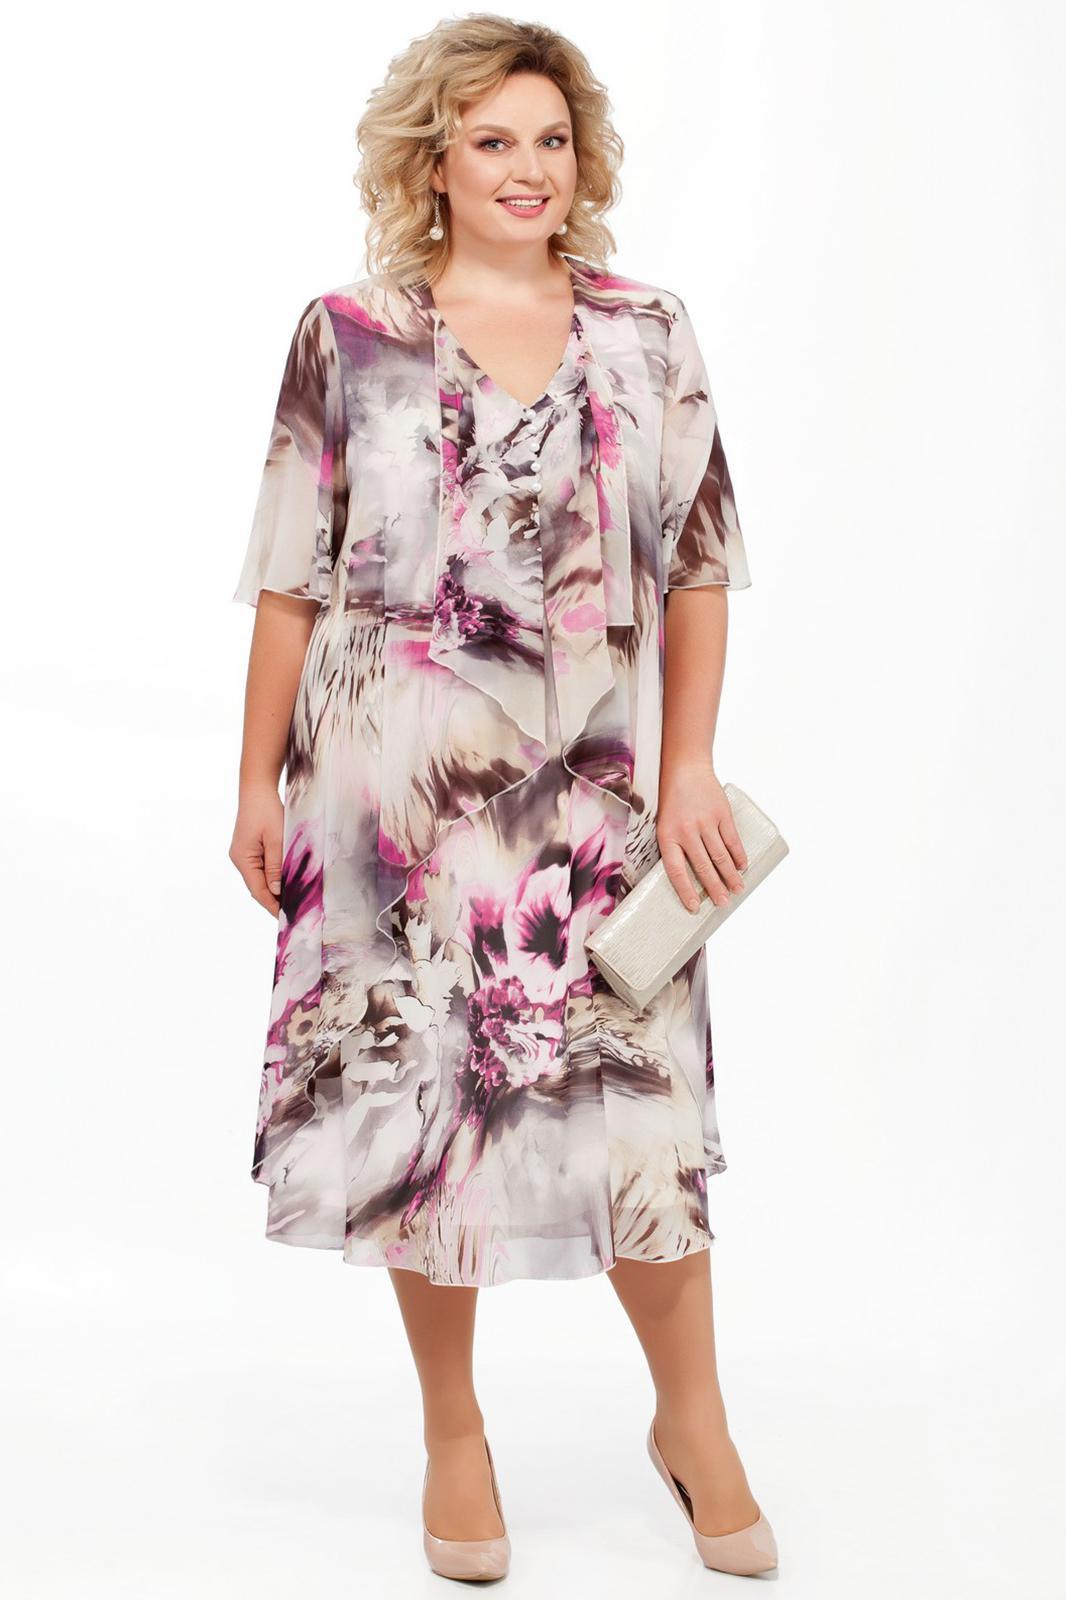 b139b103923 Модная женская одежда оптом и в розницу из Беларуси